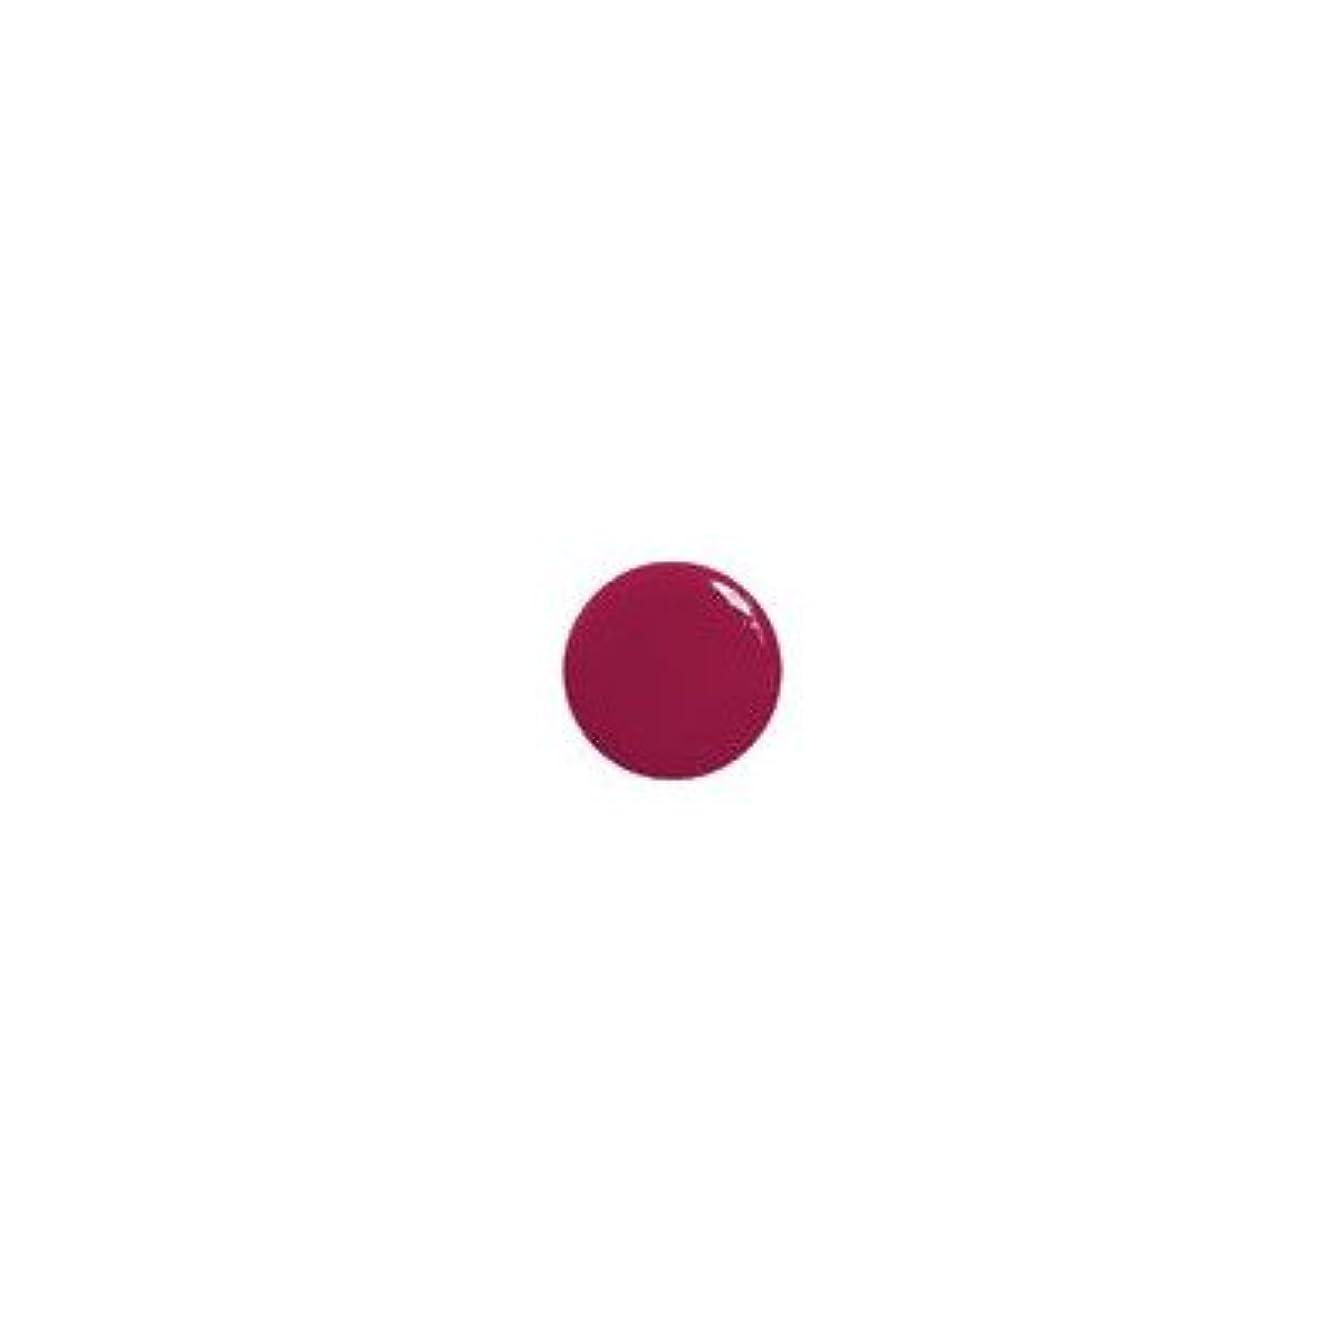 くつろぐ誰の資料ジェレレーション カラー485Cブラシングプリンセス